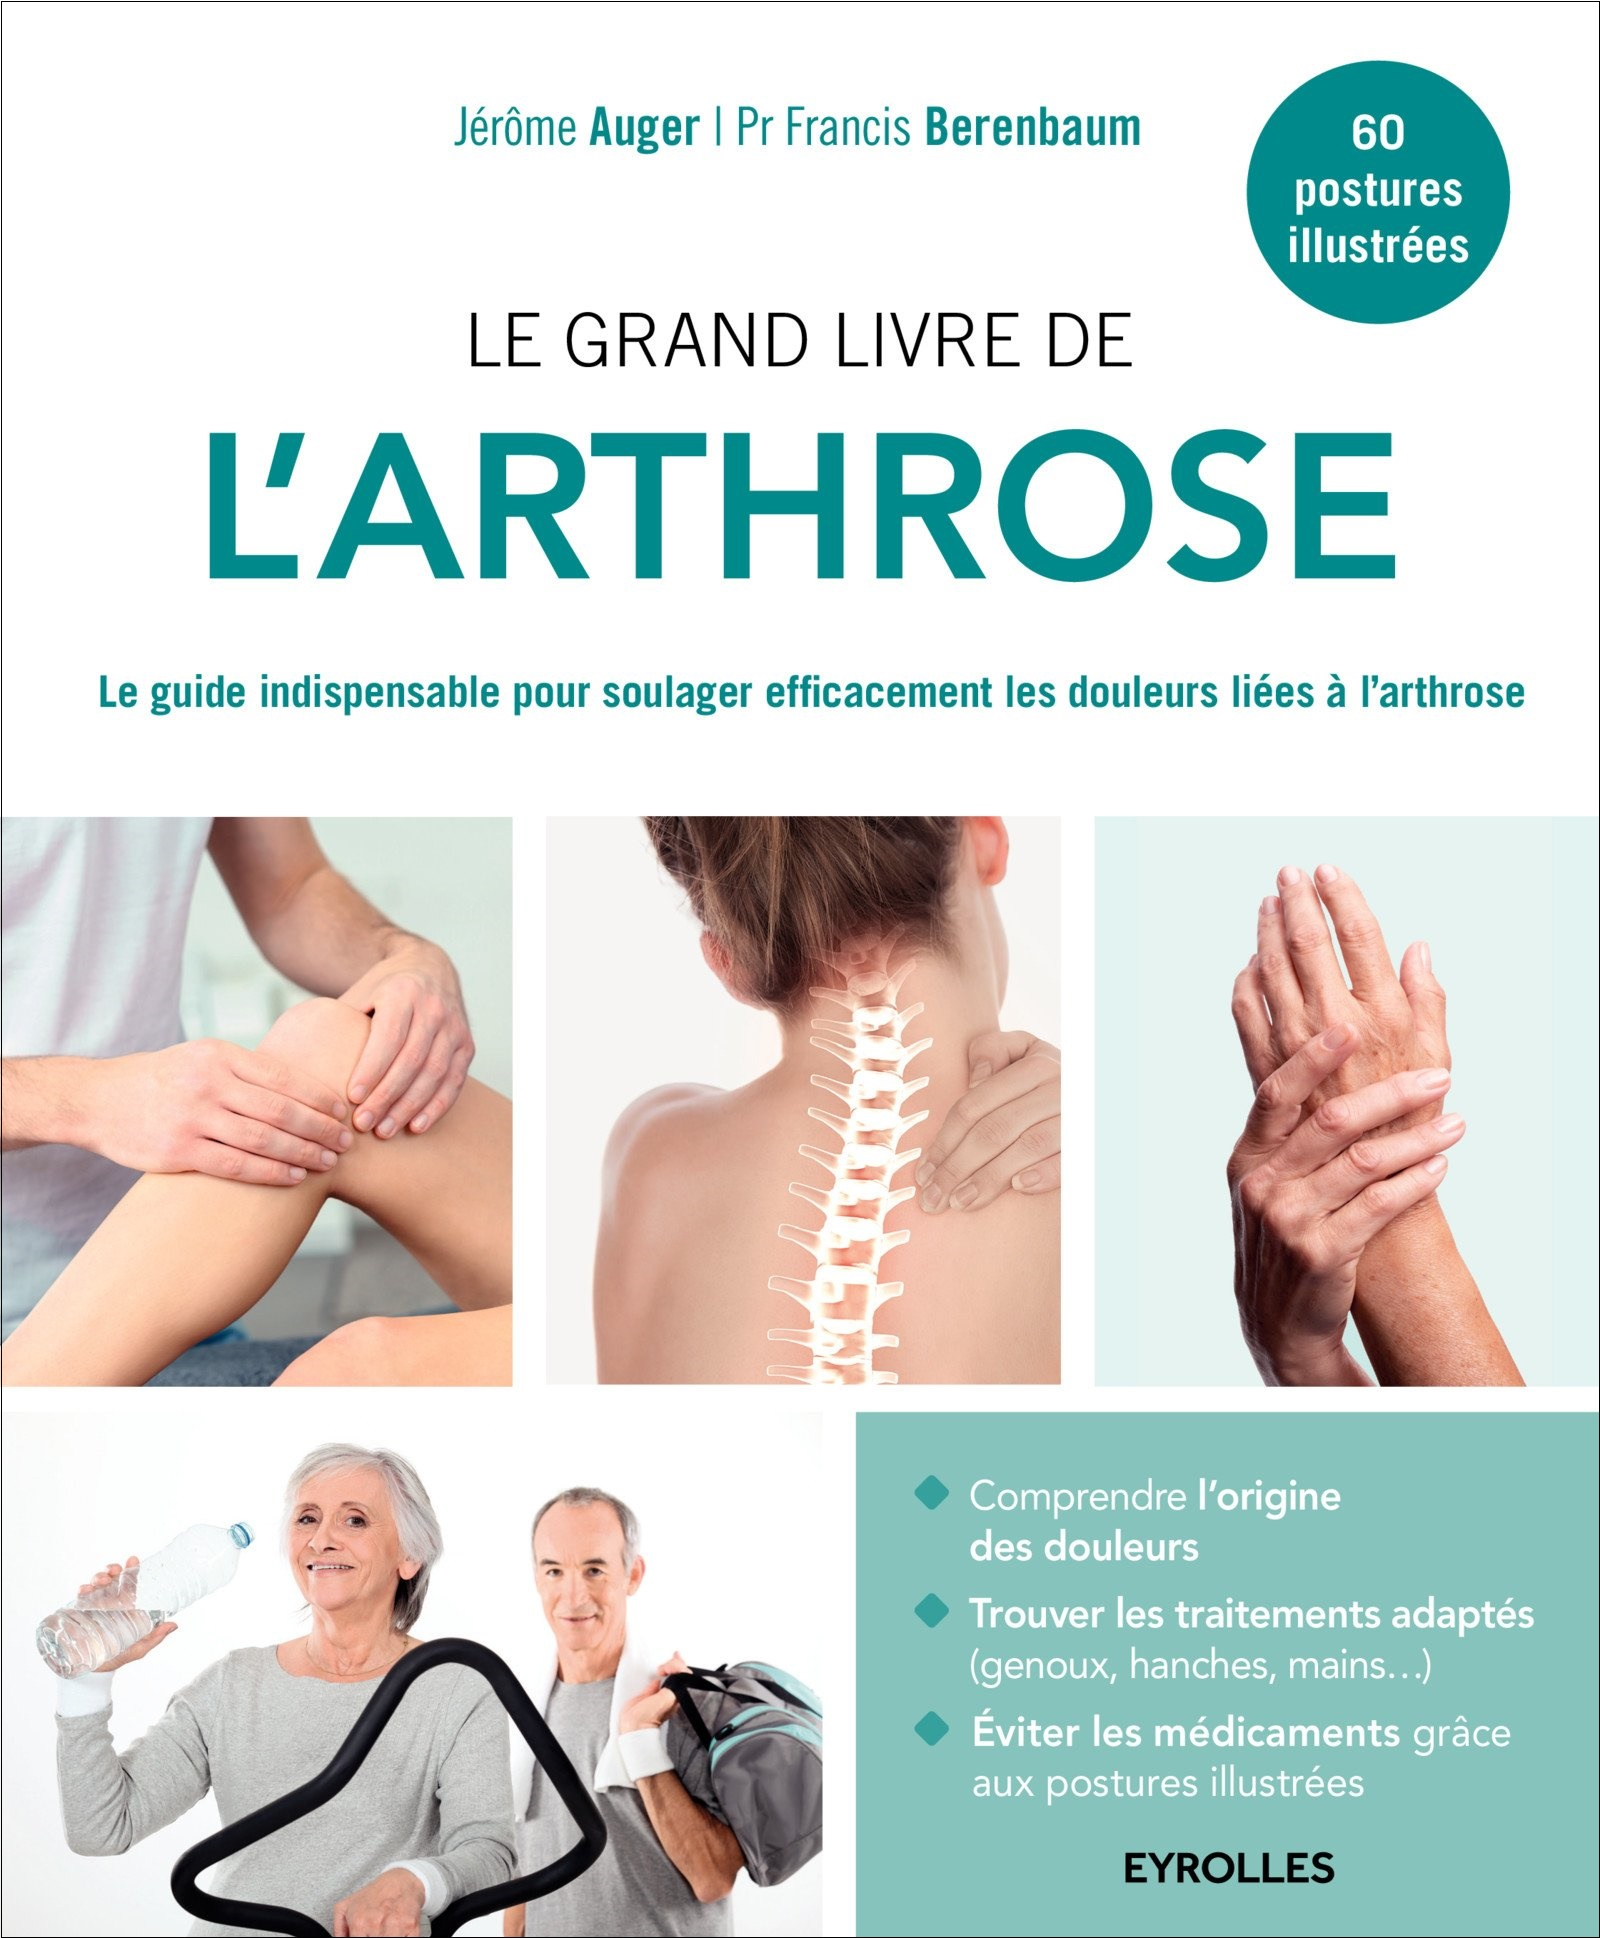 Le grand livre de l'arthrose : Le guide indispensable pour soulager efficacement les douleurs liées à l'arthrose